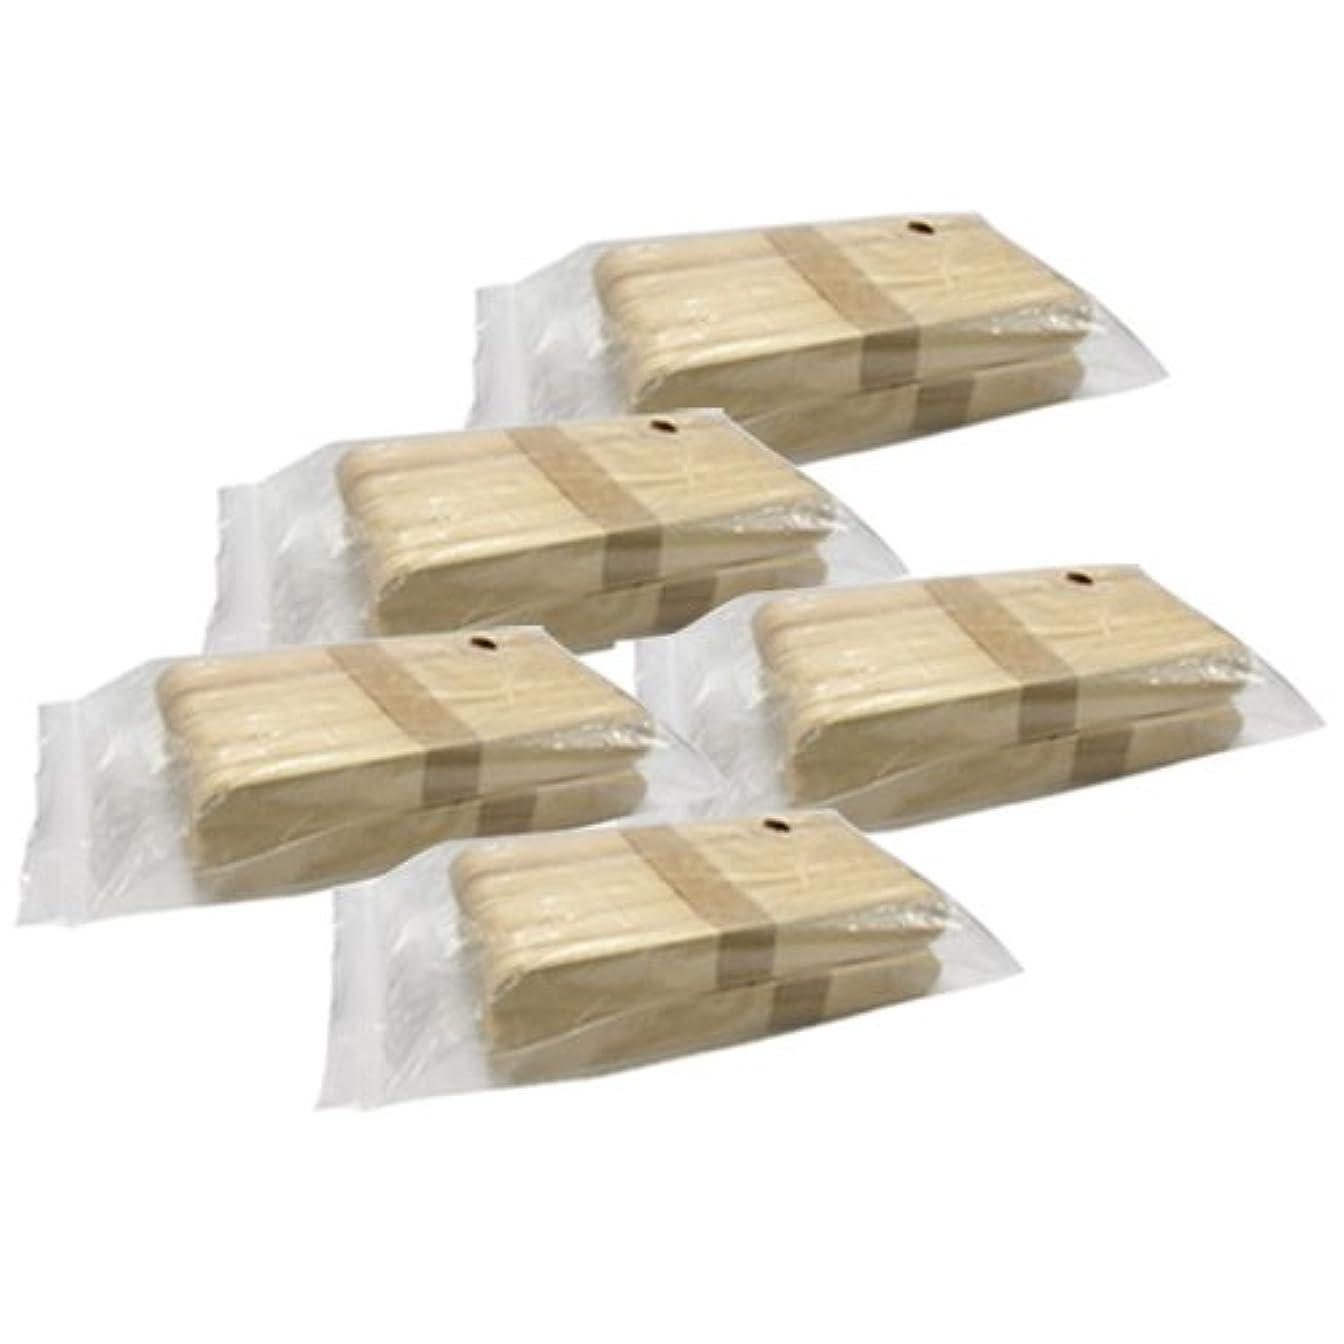 使い捨て【木ベラ/ウッドスパチュラ】(業務用100枚入り) × 5袋セット(計500枚)/WAX脱毛等や舌厚子にも …